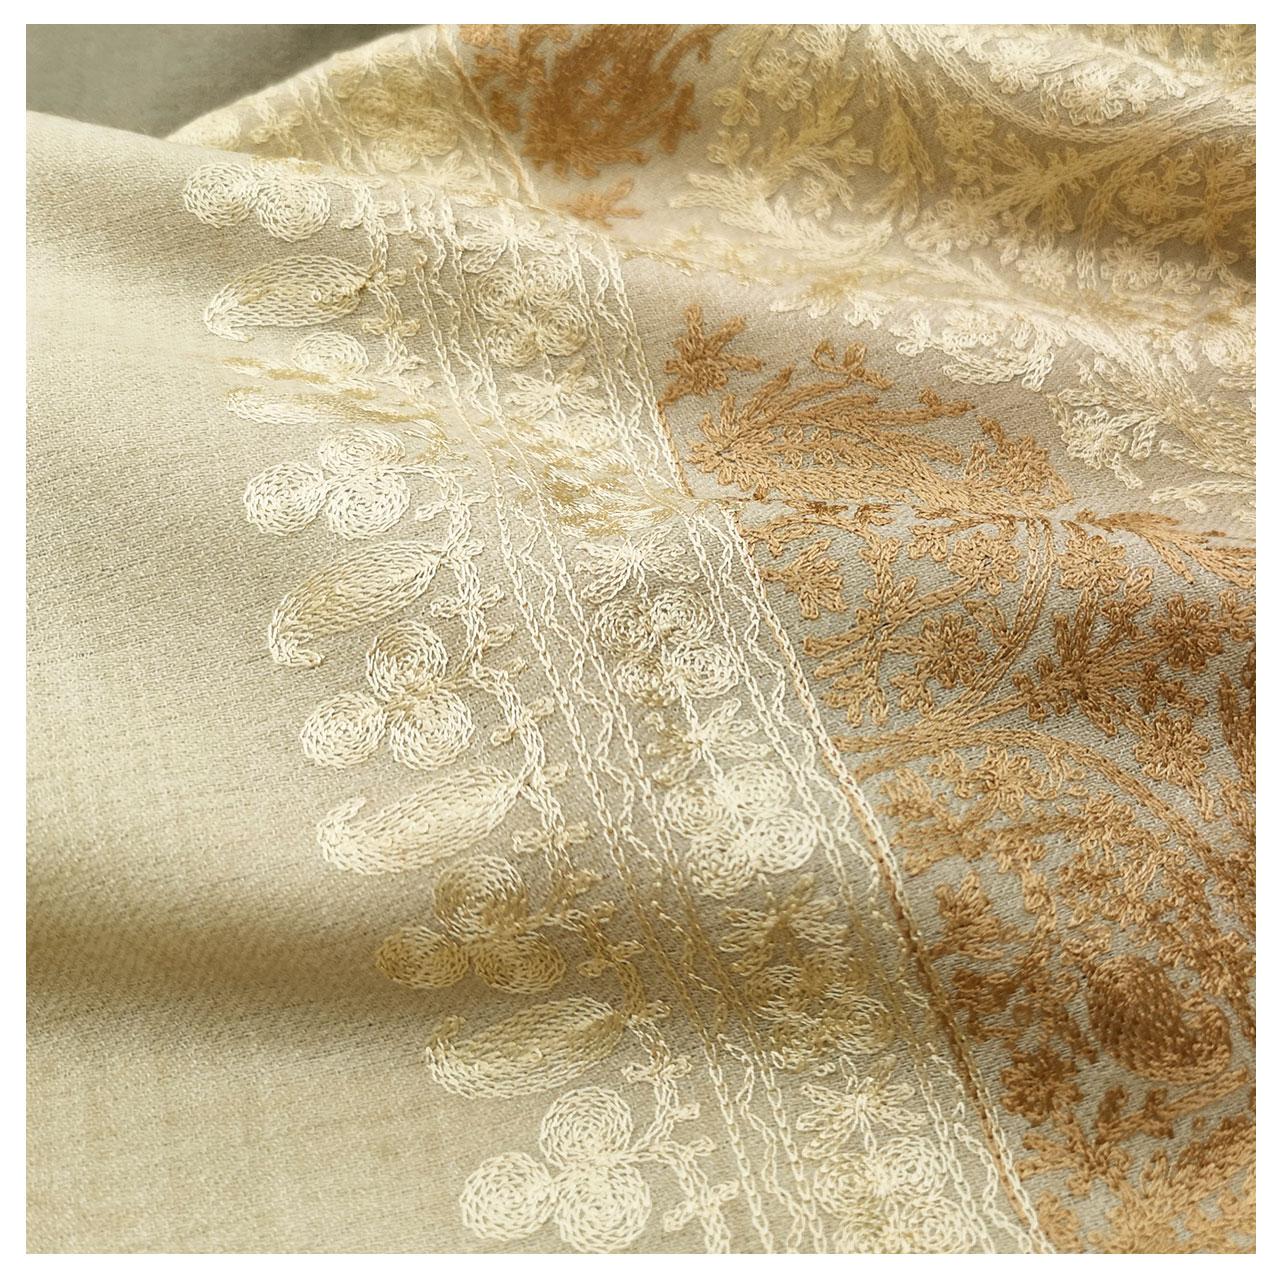 刺繍ストール ウール 大判 薄手 格子デザイン 機械刺繍   秋冬 大判 プレゼント パーティー 着物ショール